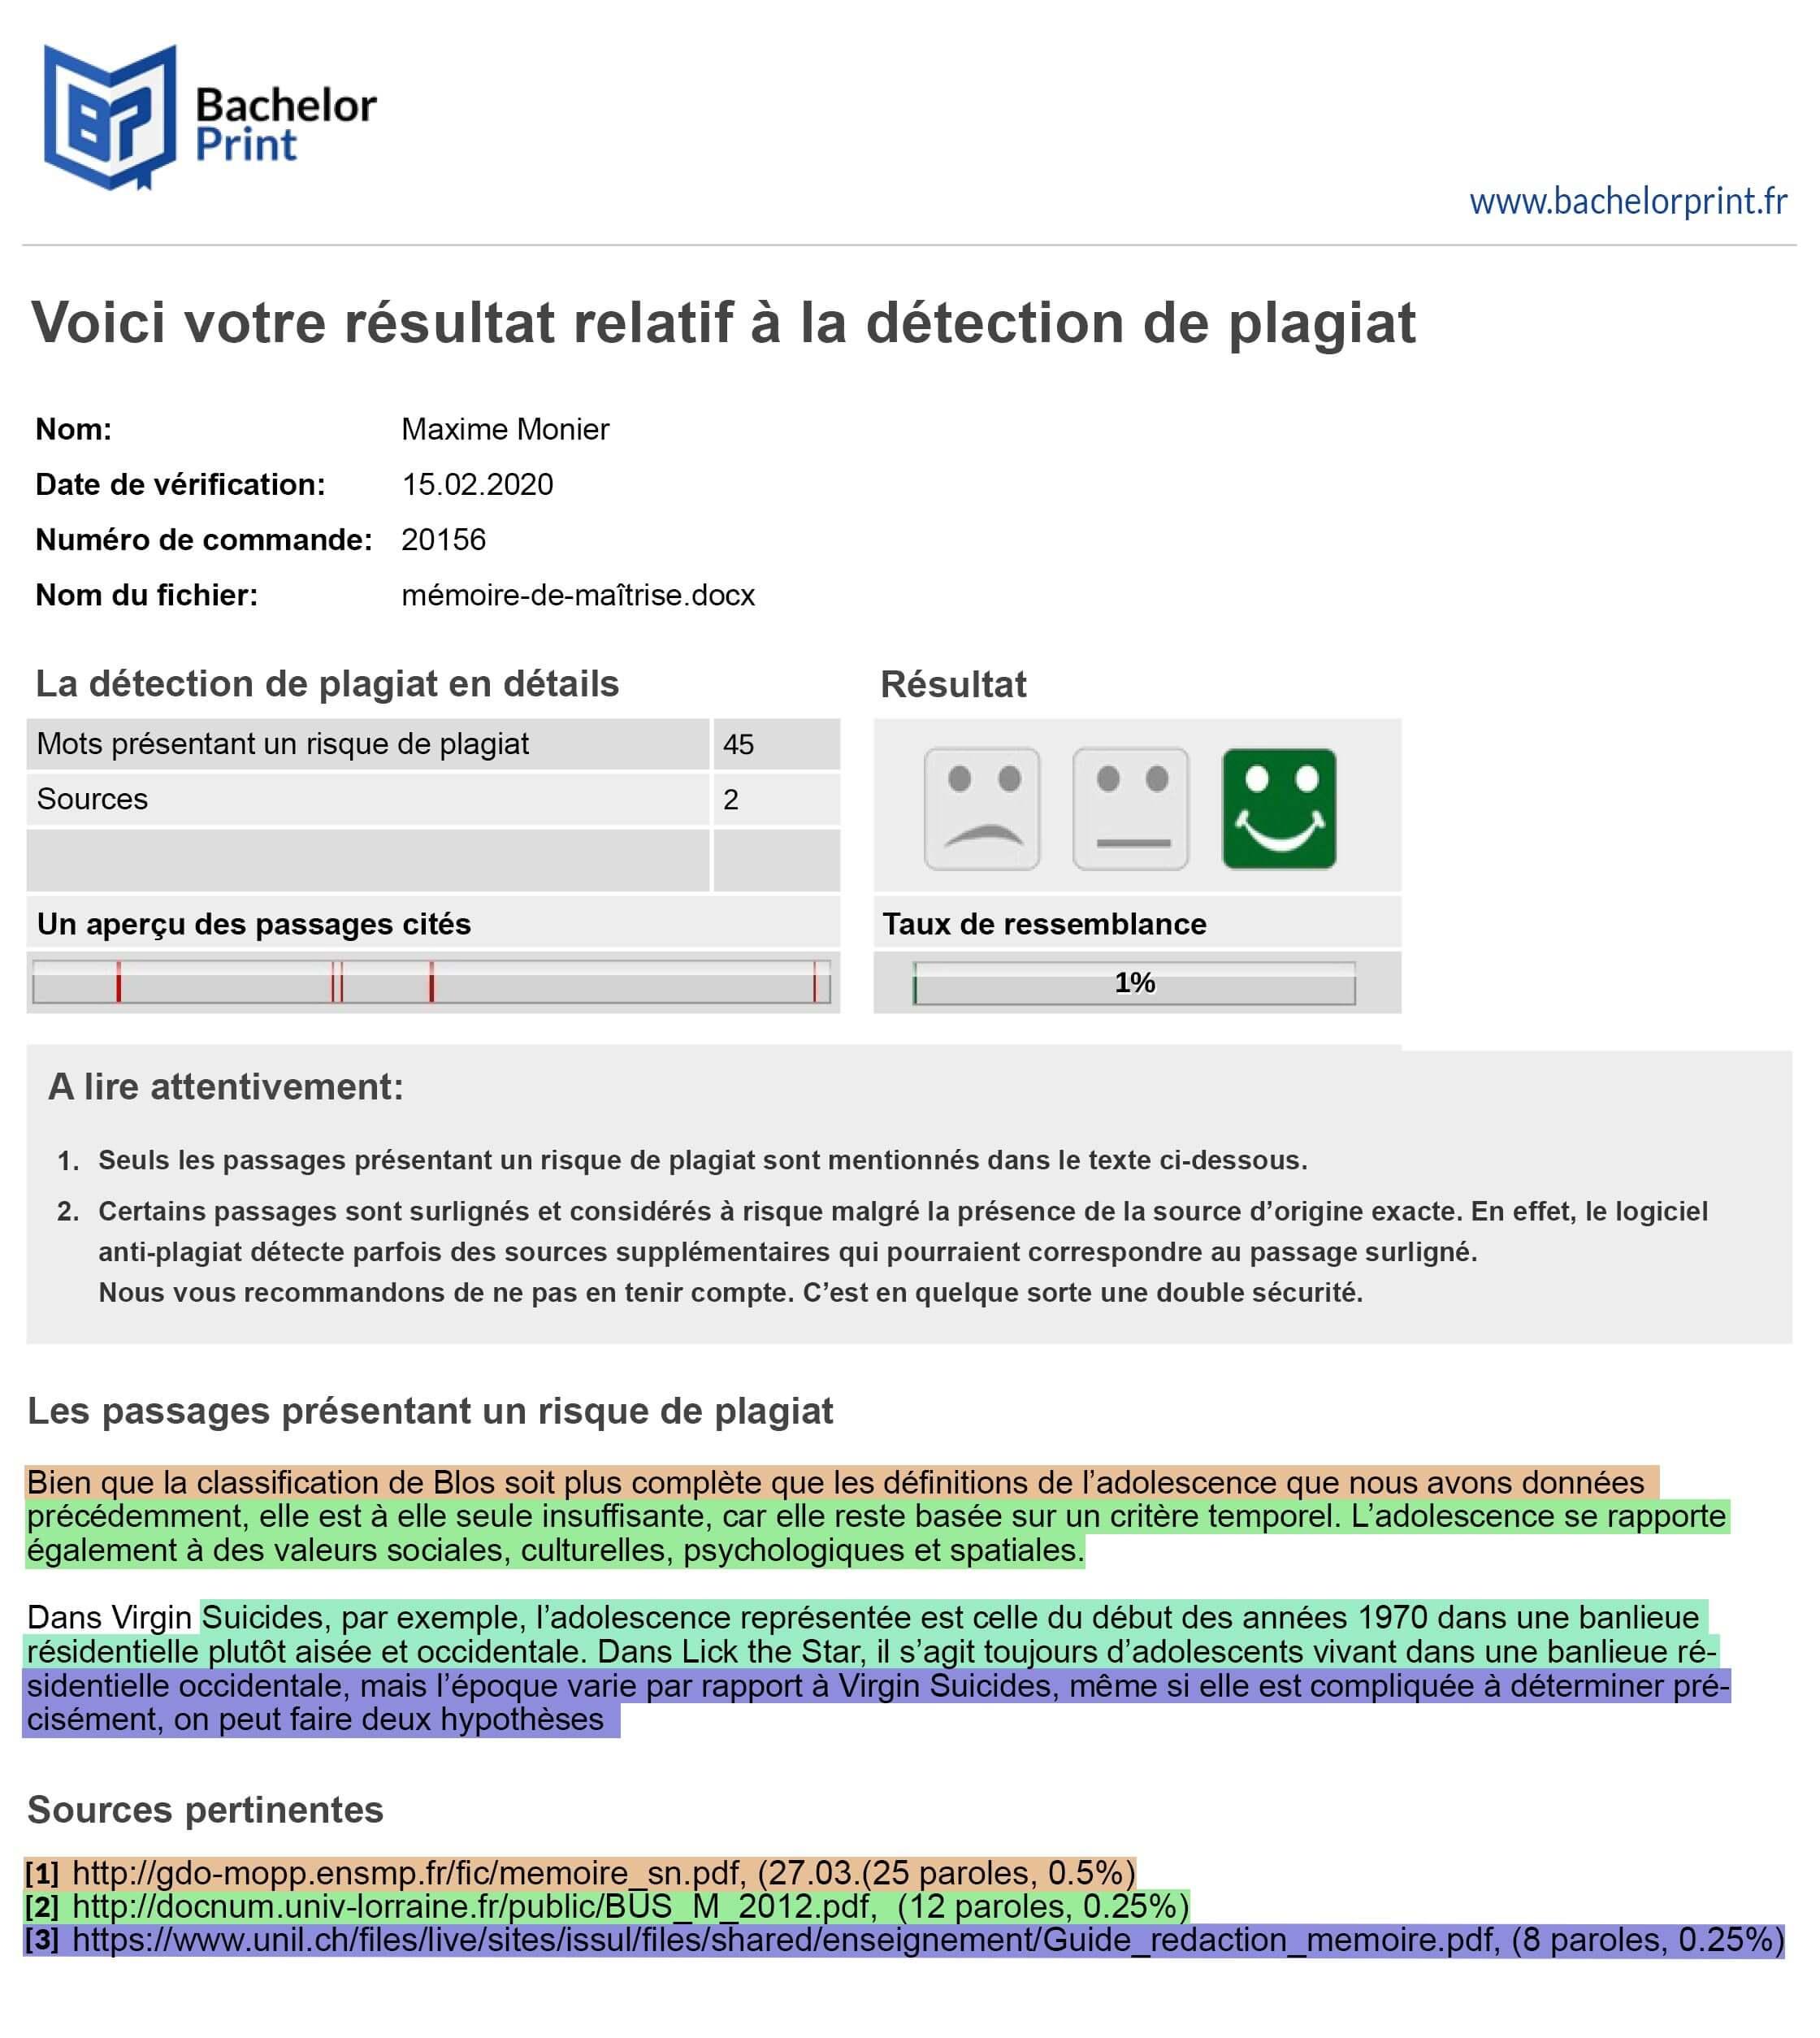 Exemple La mise à disposition d'un rapport suite à l'utilisation du plagiat logiciel